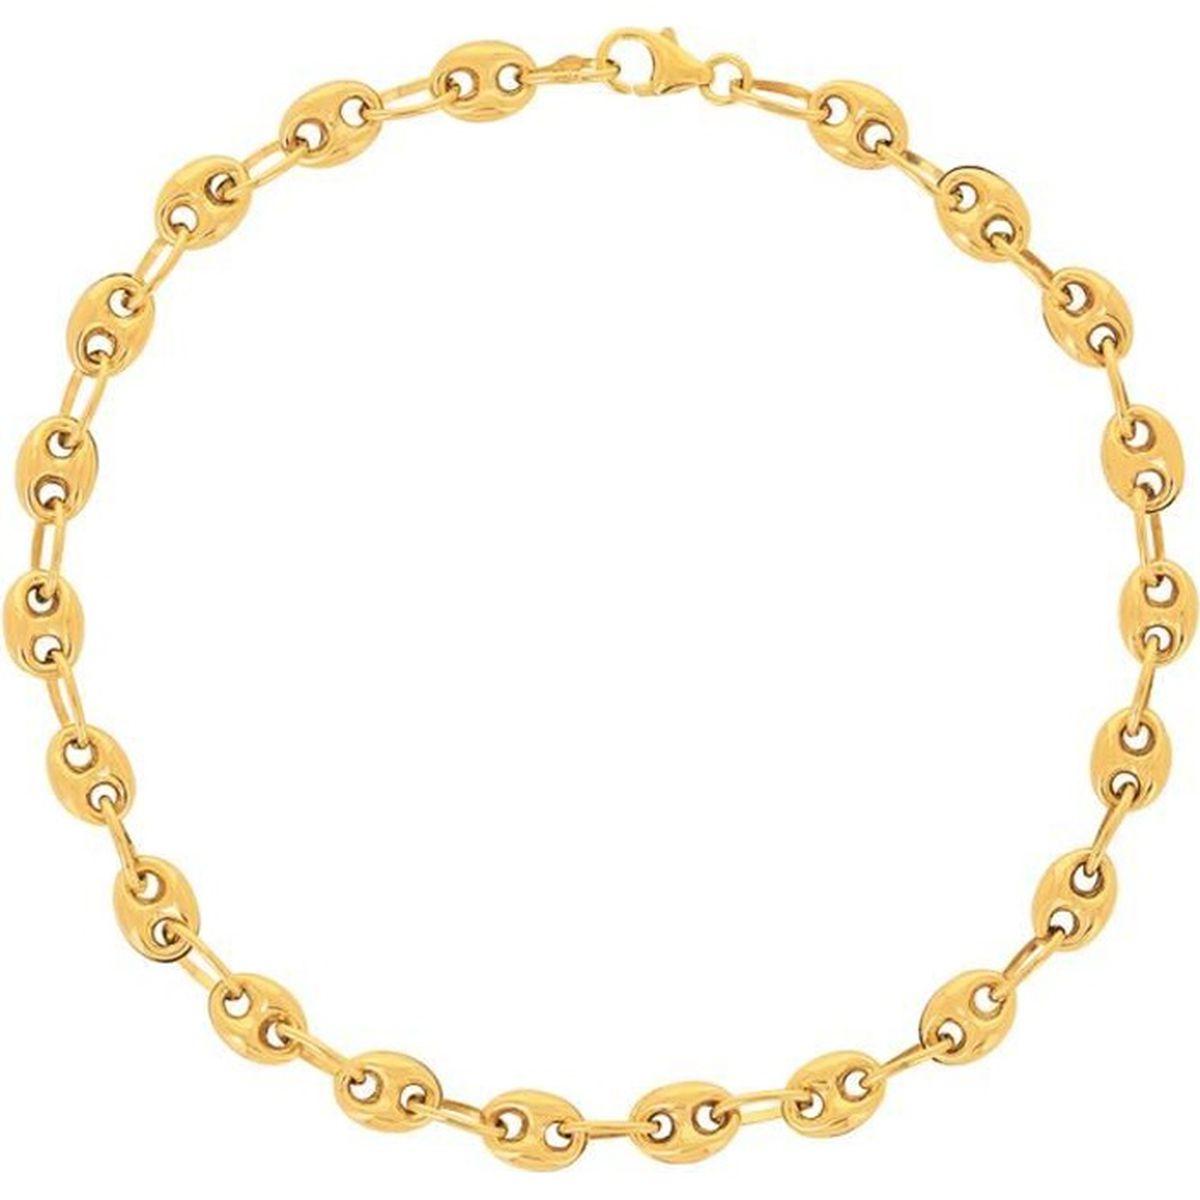 BRACELET - GOURMETTE Bracelet Grain de Café Or 18 Carats